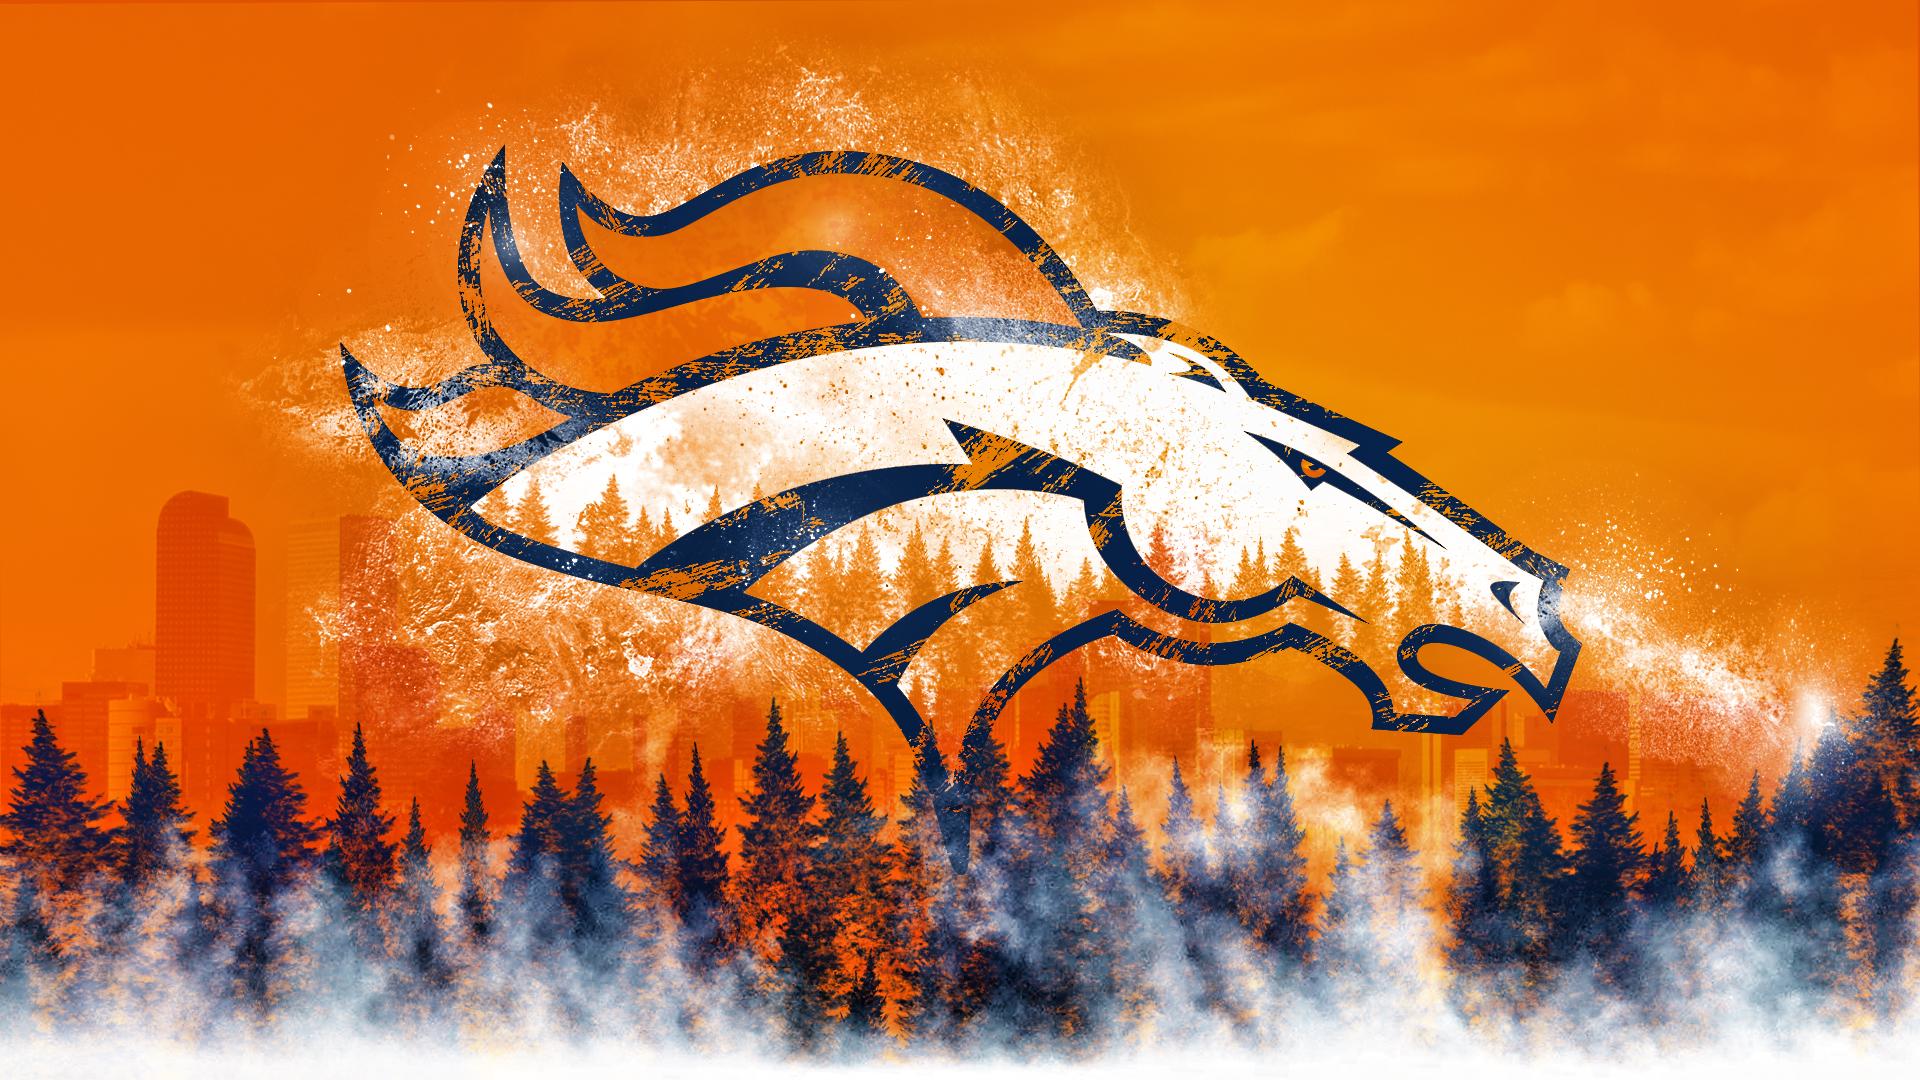 Denver Broncos Wallpaper - WallpaperSafari